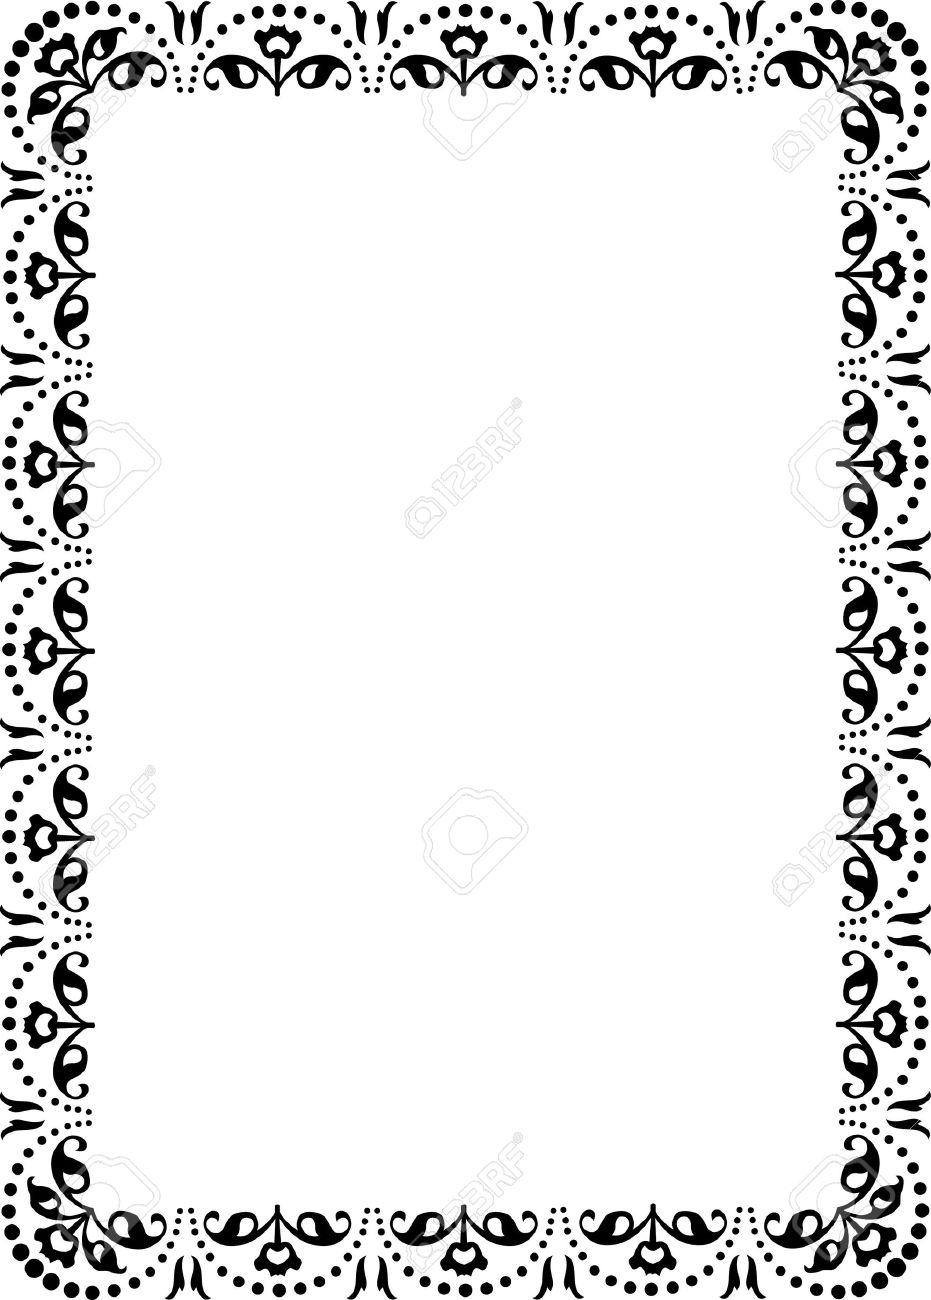 花飾り枠、モノクロ ロイヤリティフリークリップアート、ベクター